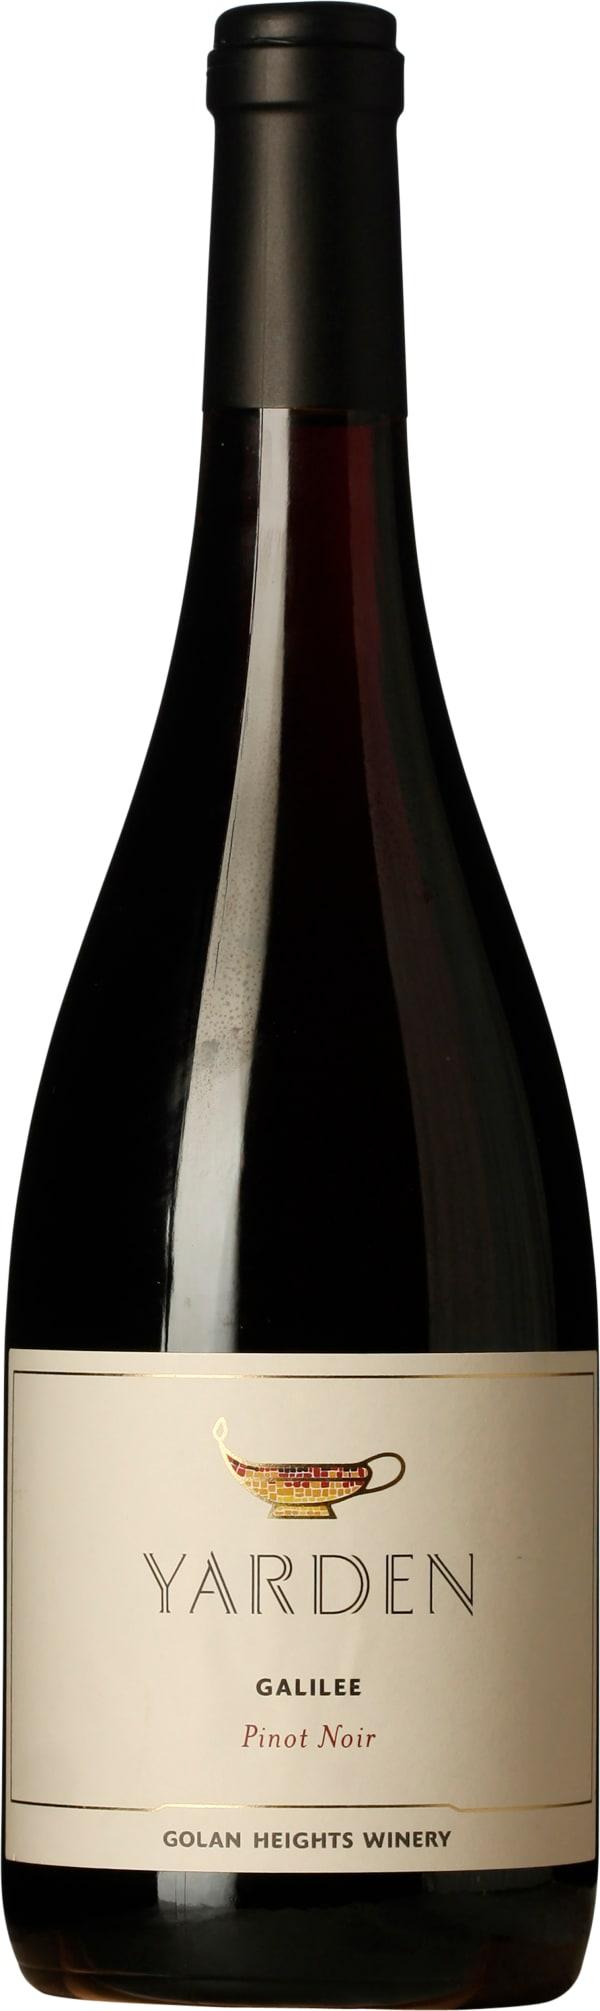 Yarden Pinot Noir 2018